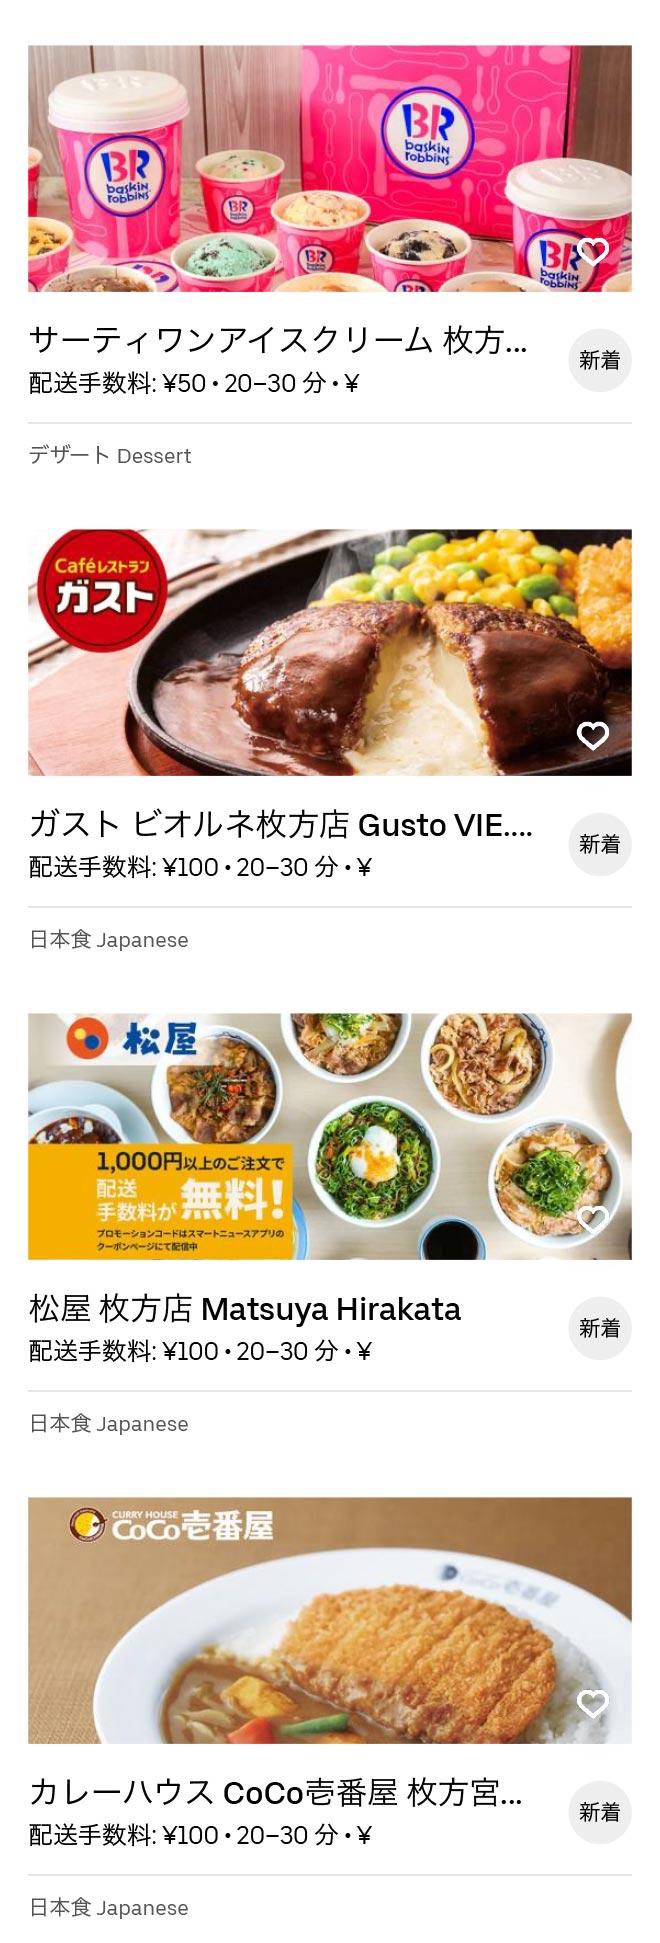 Hirakata menu 2005 02